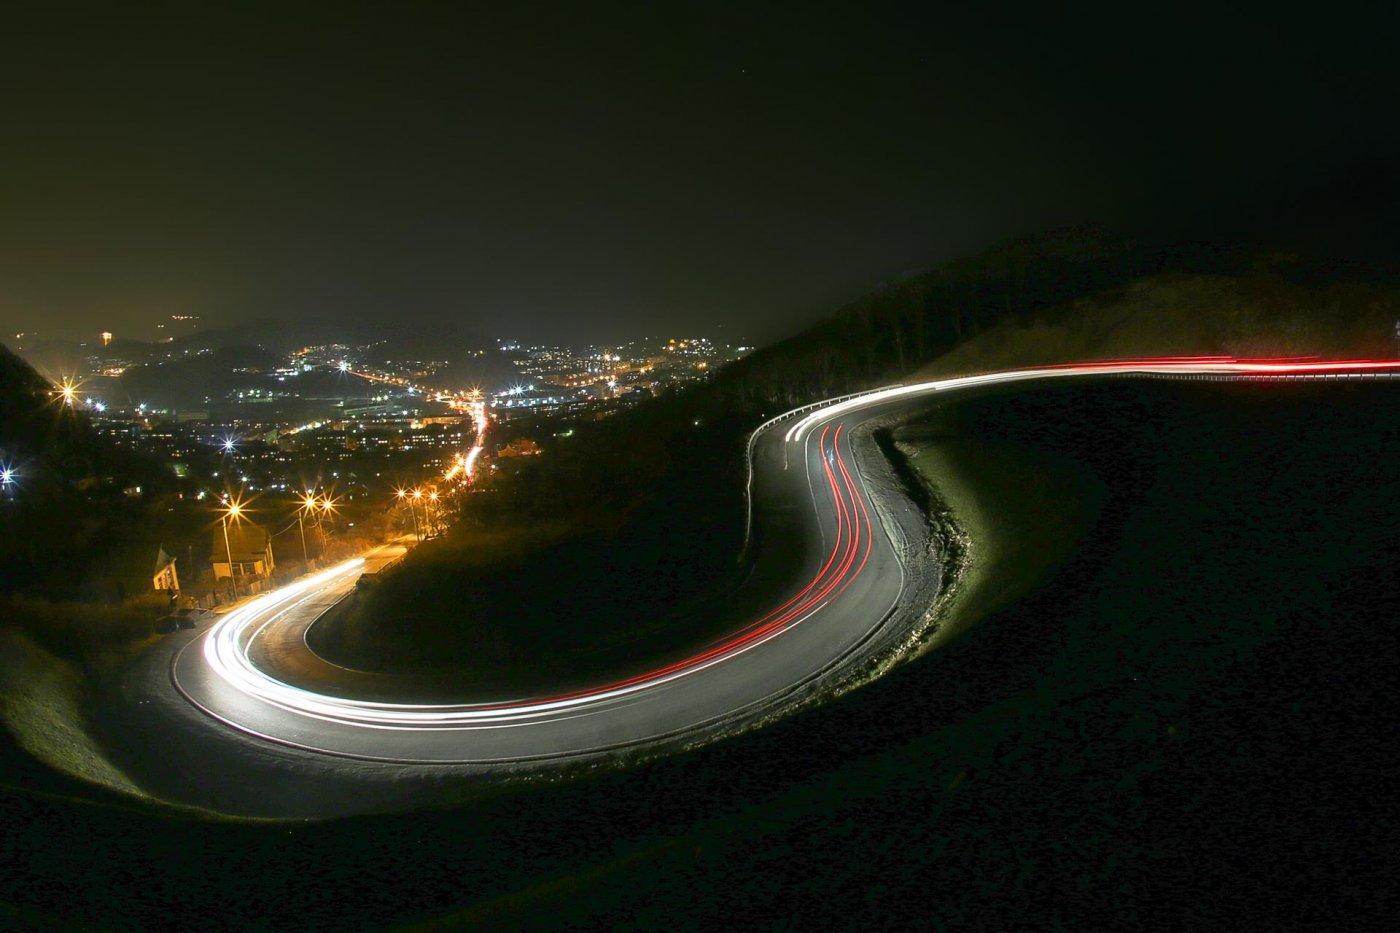 Фото 0355 (Copy).jpg. Россия, Приморский край, город Находка, Unnamed Road